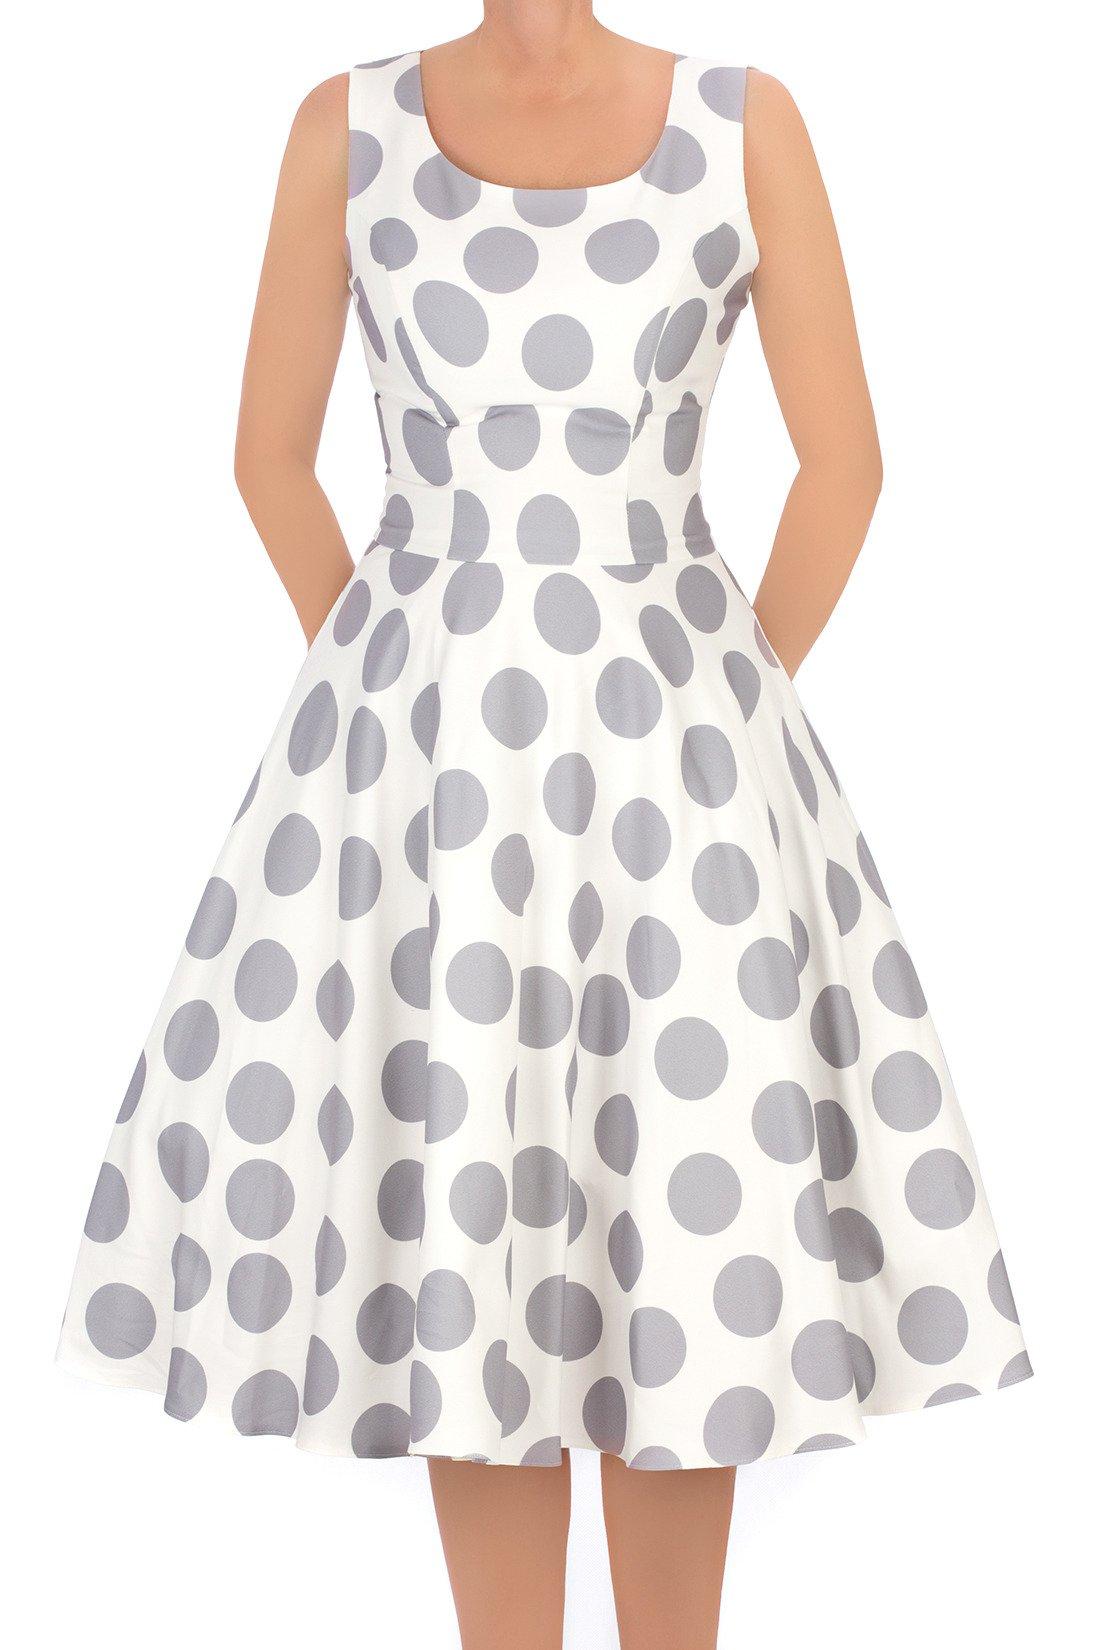 a3d45de4d8 Sukienka Cller rozkloszowania ecru w szare grochy pin-up